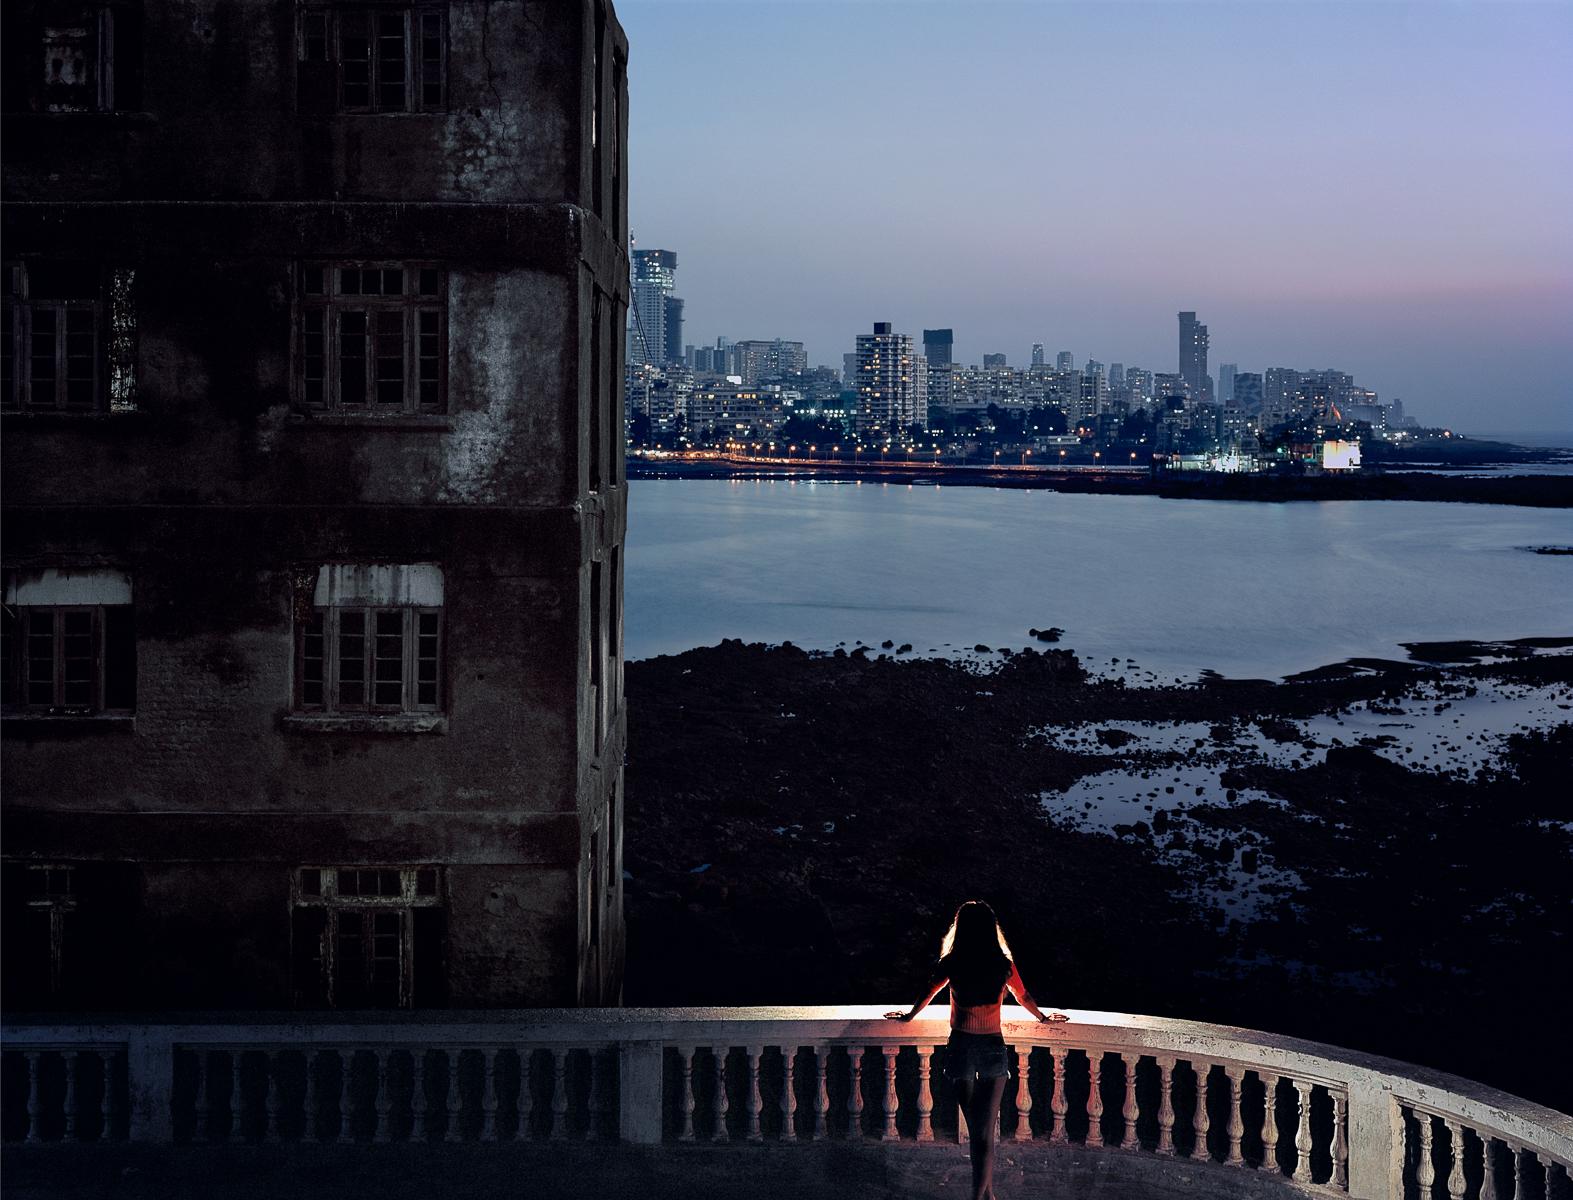 270, MUMBAI